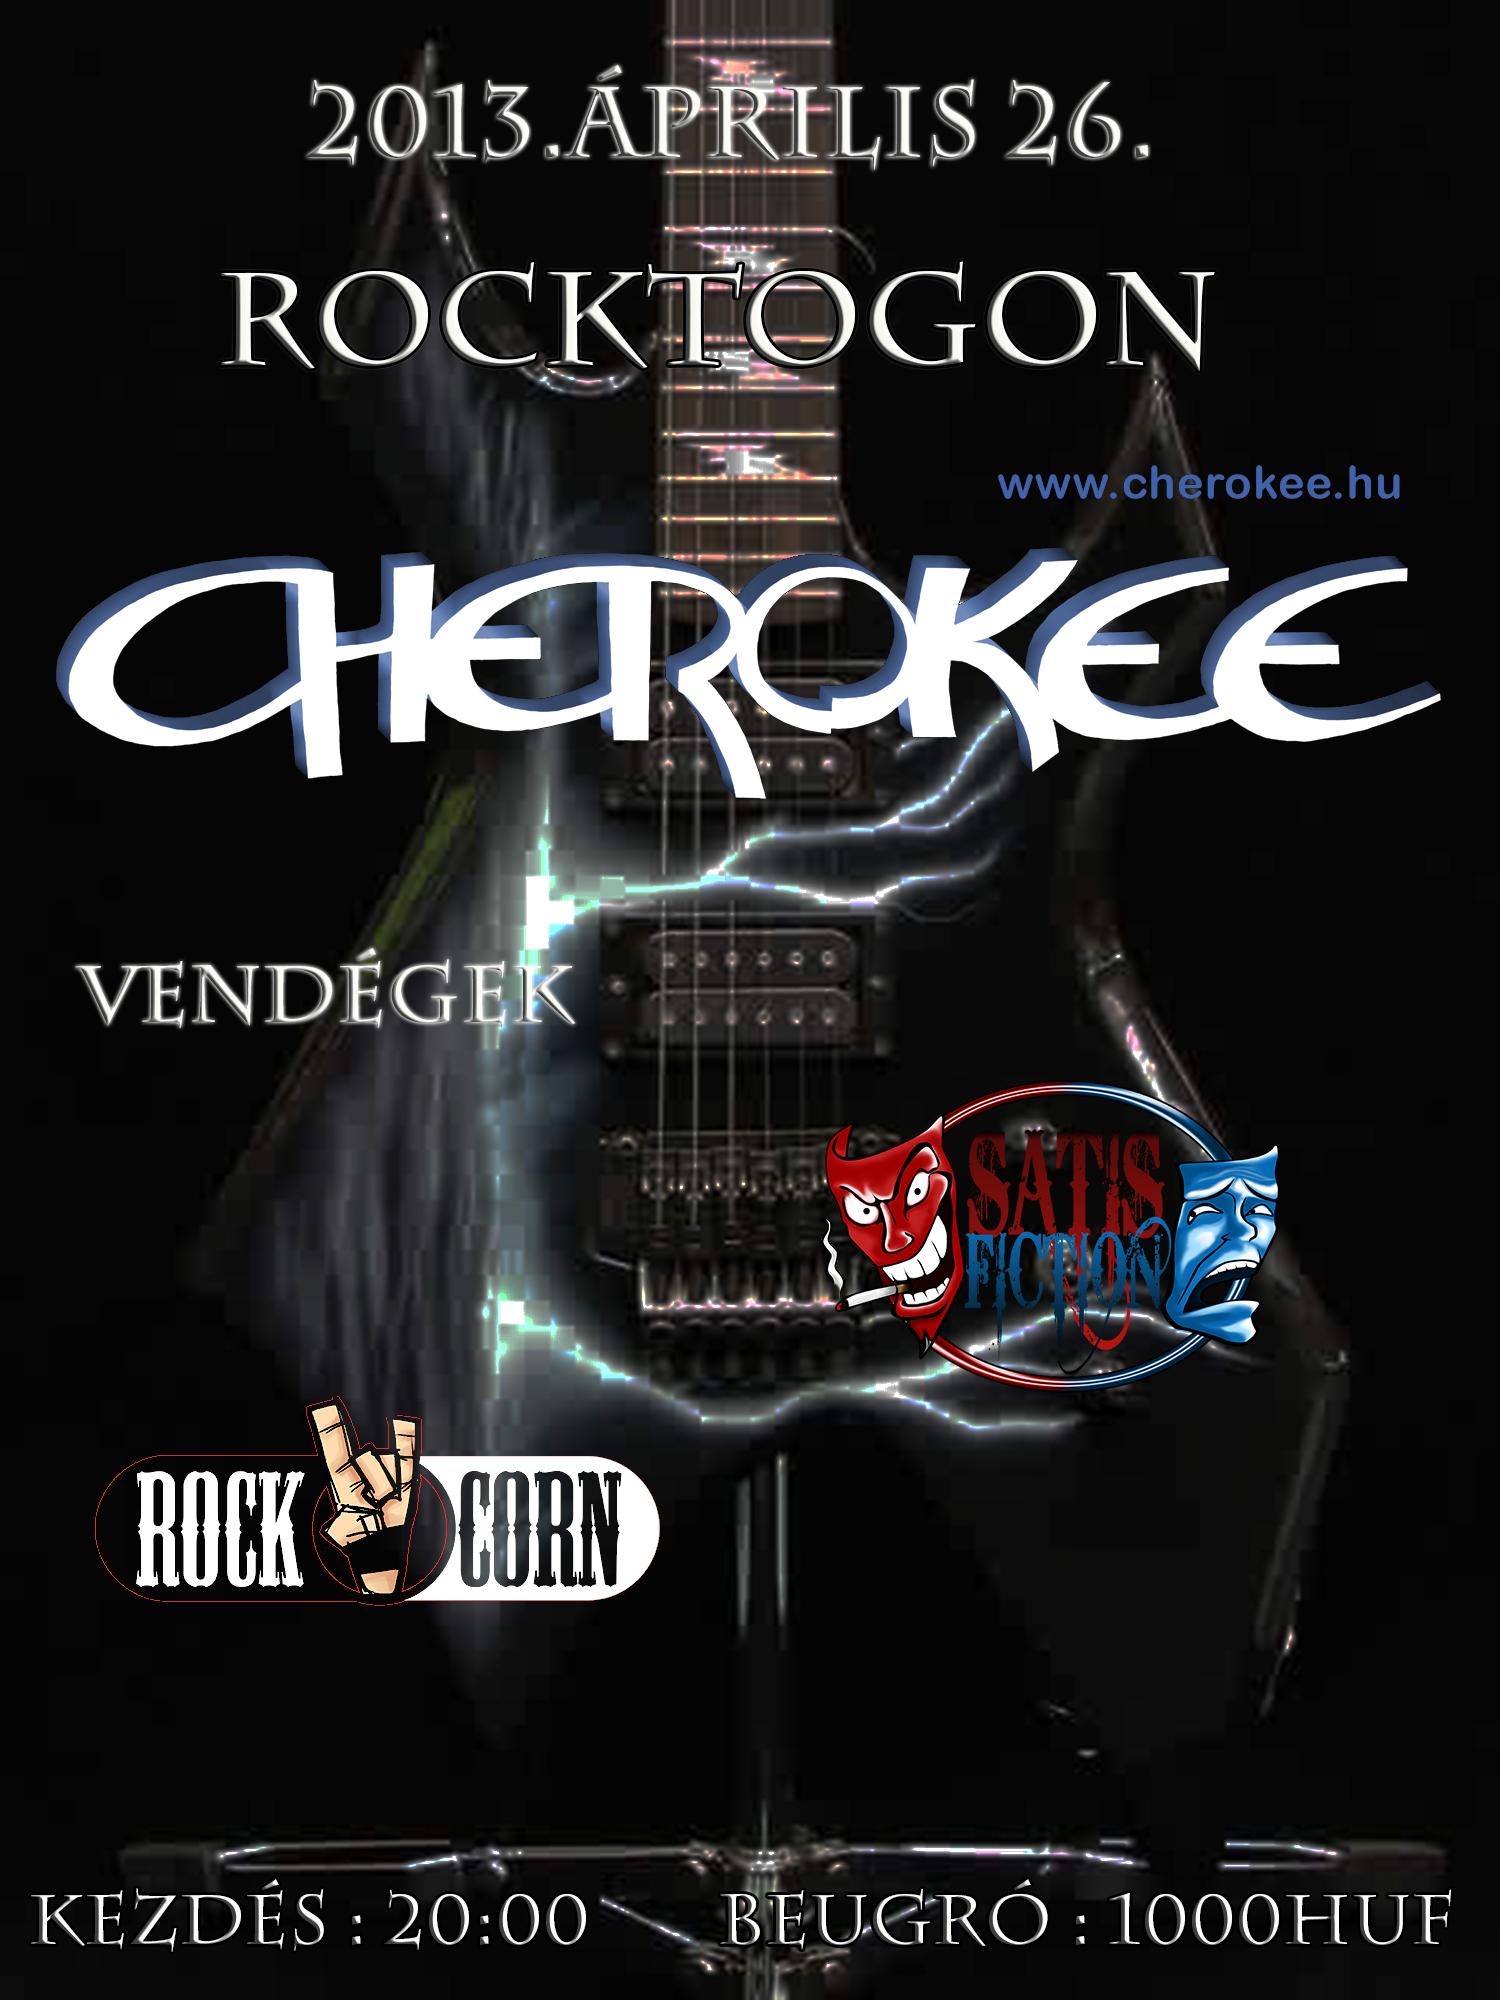 cherokee_rock_1366348054.jpg_1500x2000